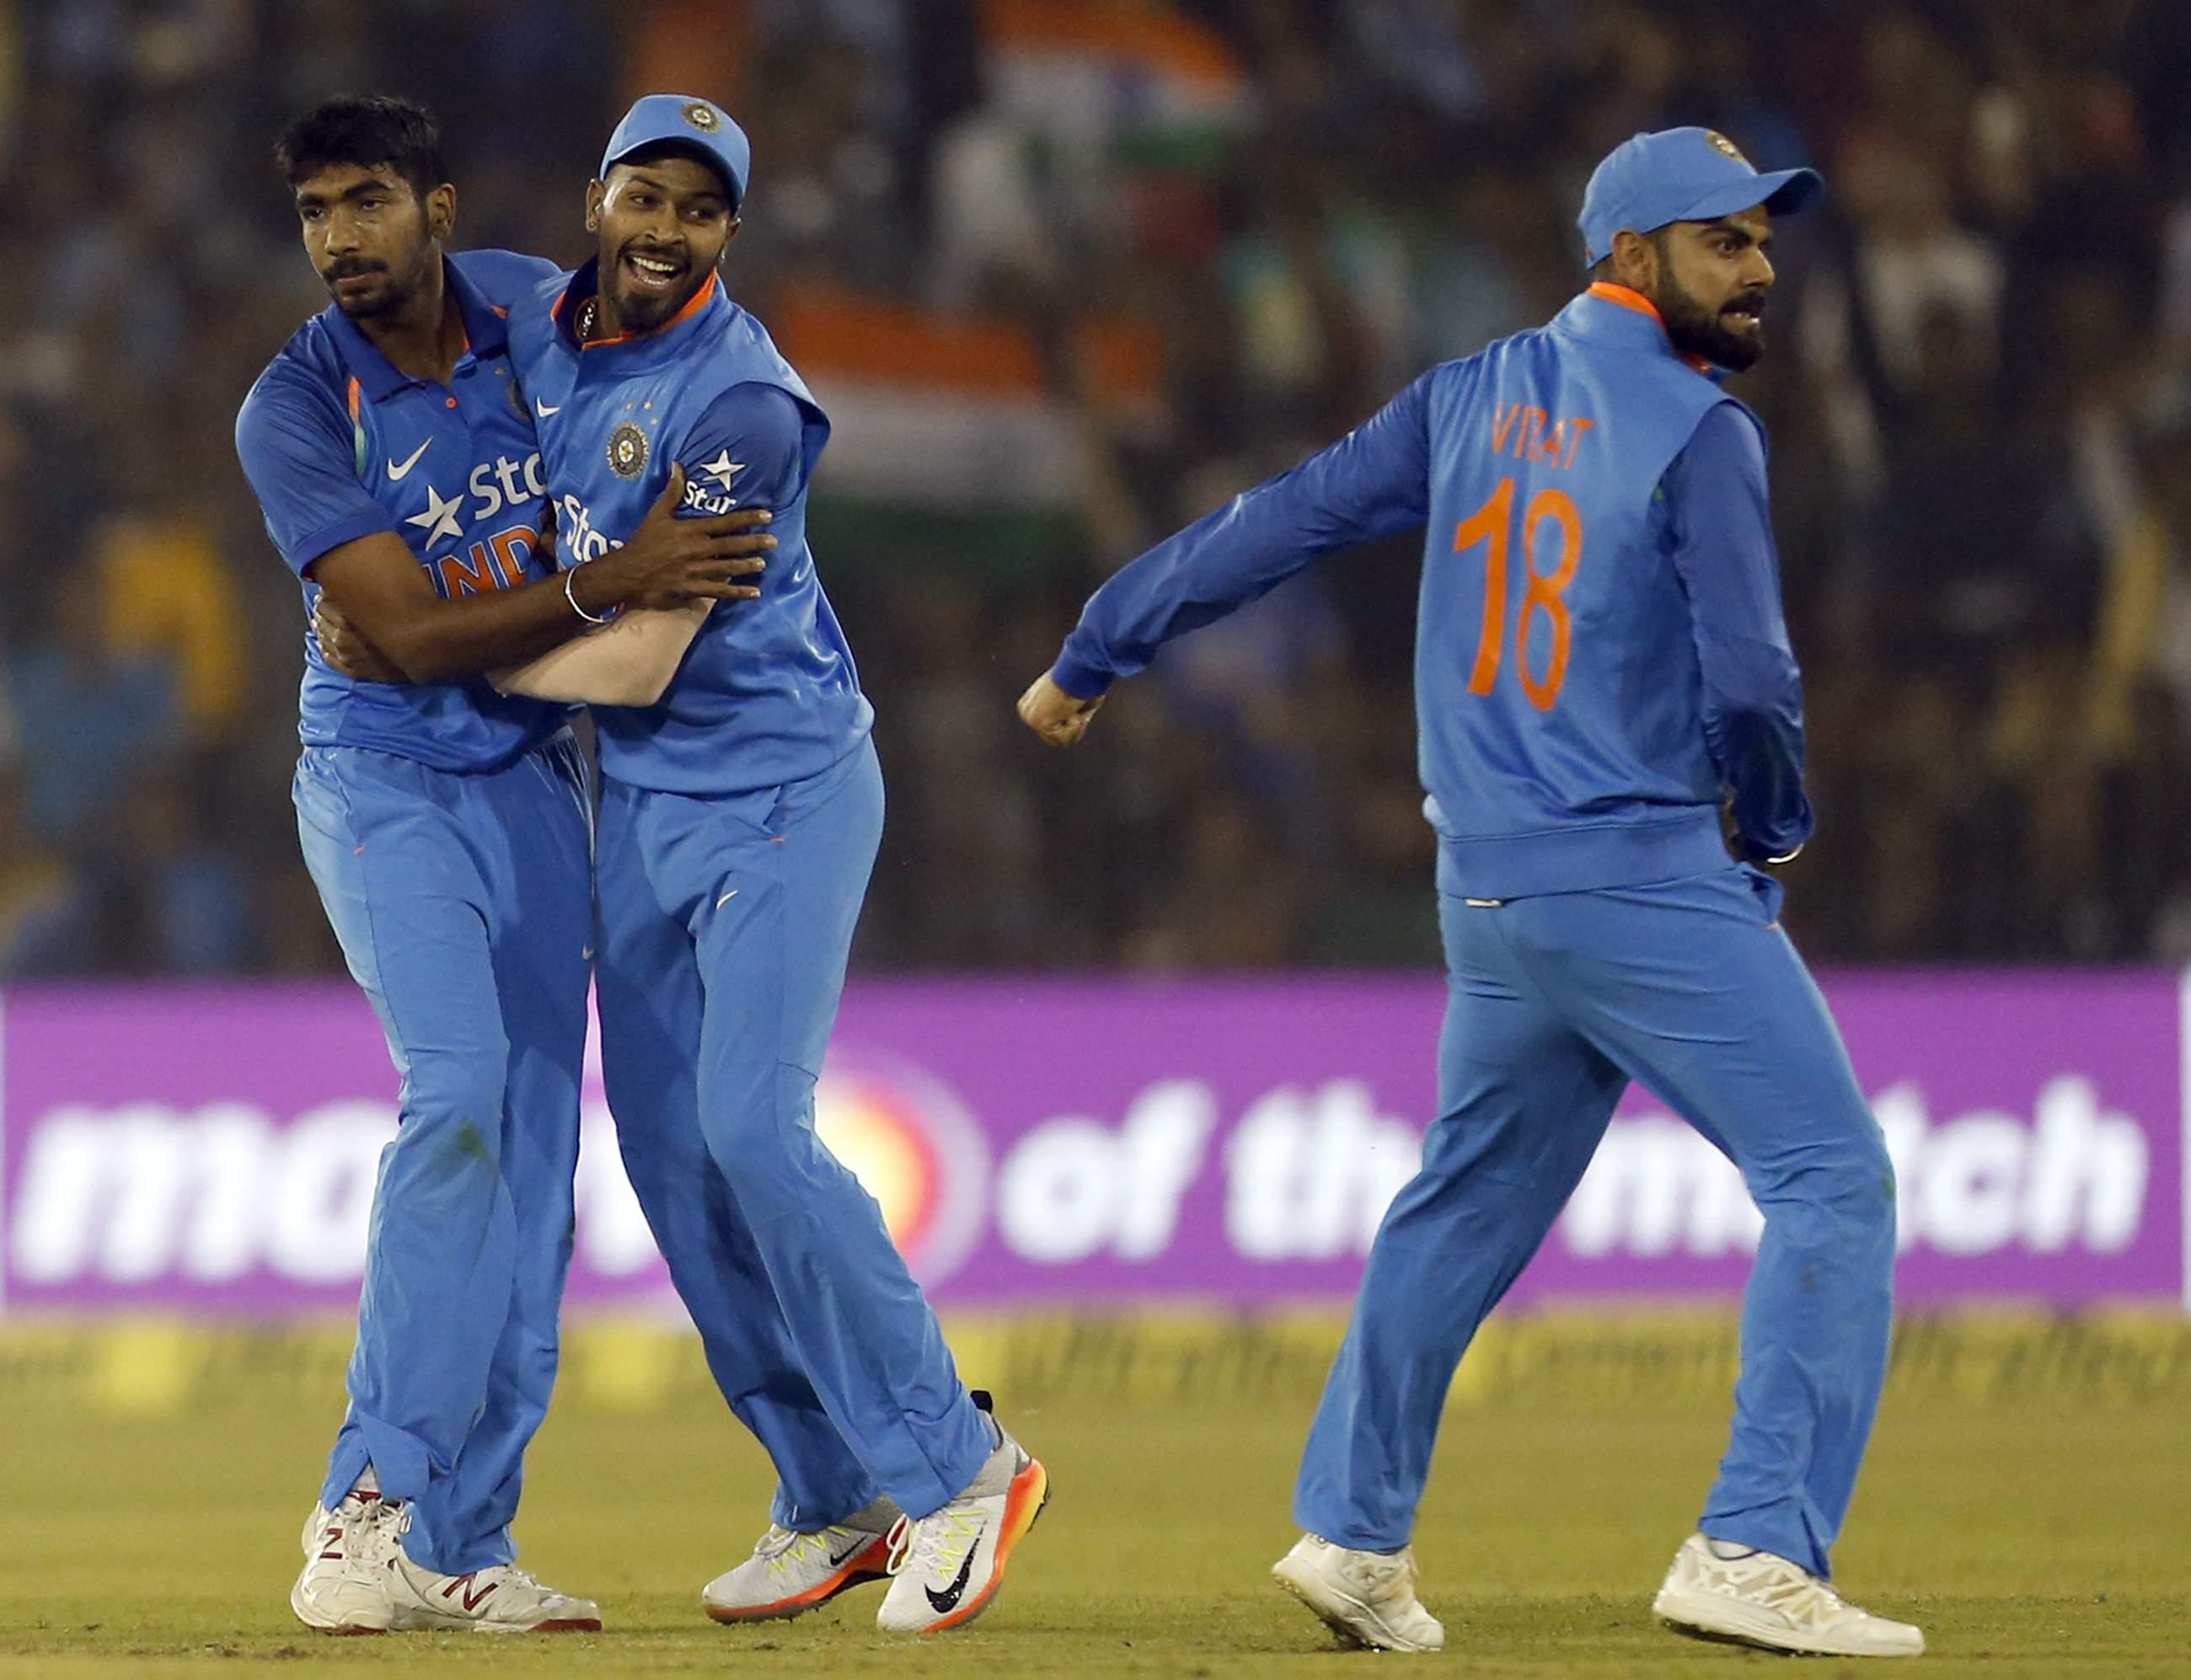 अपडेट हुई आईसीसी टी-20 रैंकिंग, ज्यादा टी-20 न खेलने के बाद भी भारतीय खिलाड़ियों का टॉप 10 में दबदबा 18